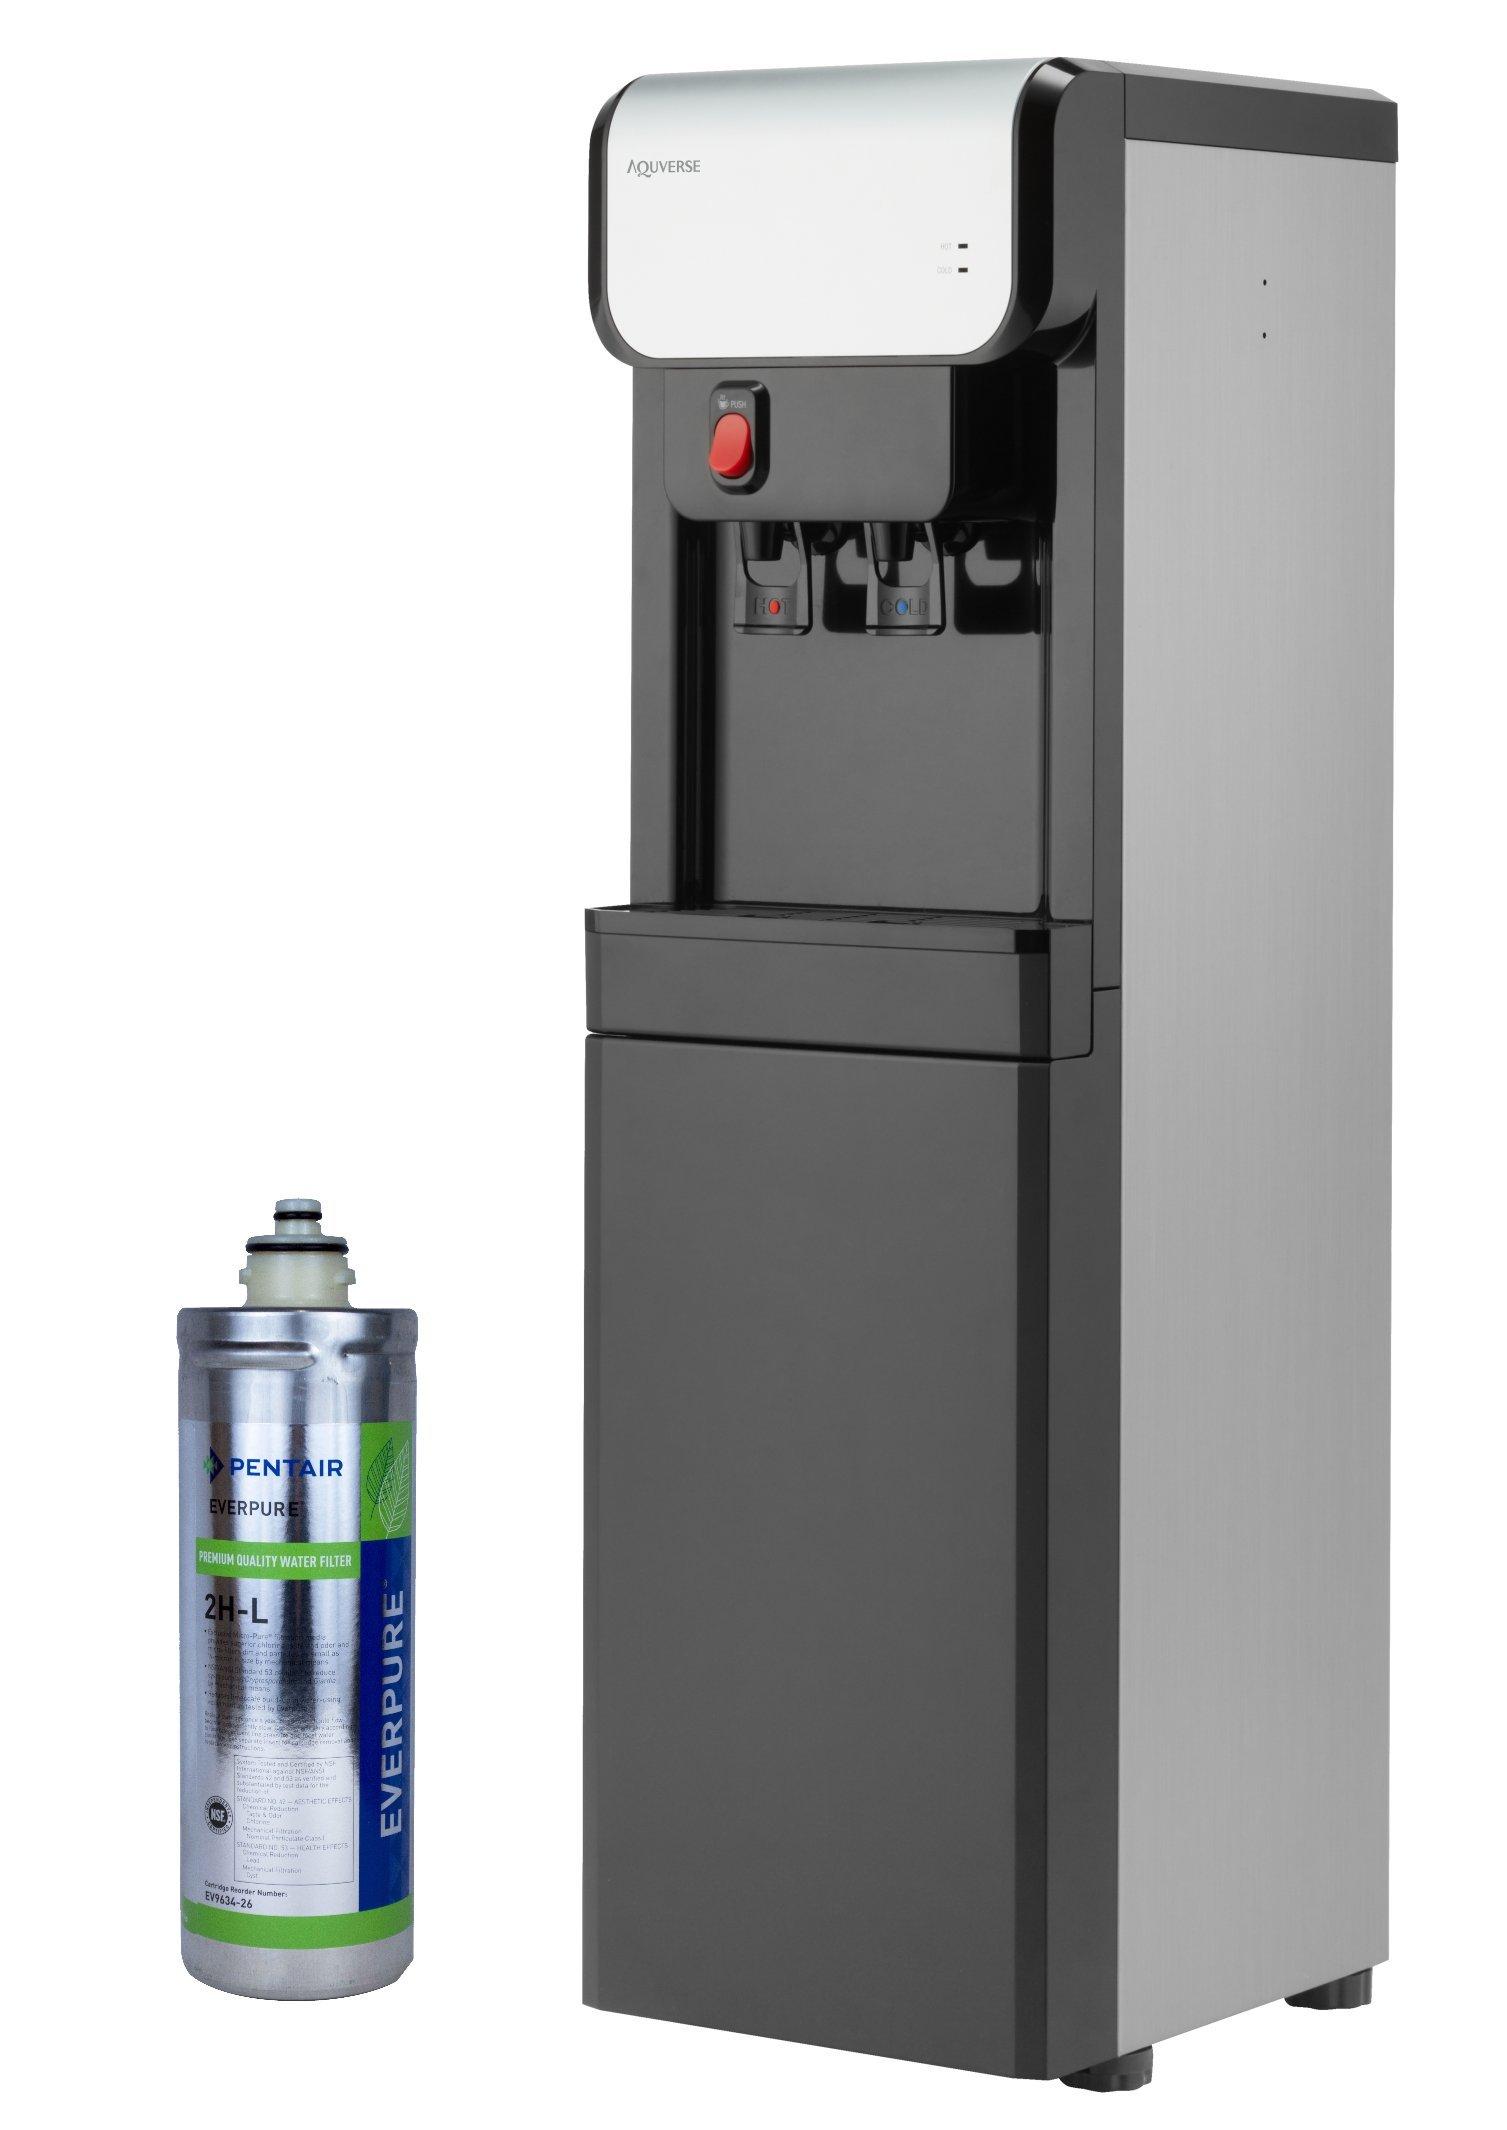 Aquverse A6500 K Bottleless Install Stainless